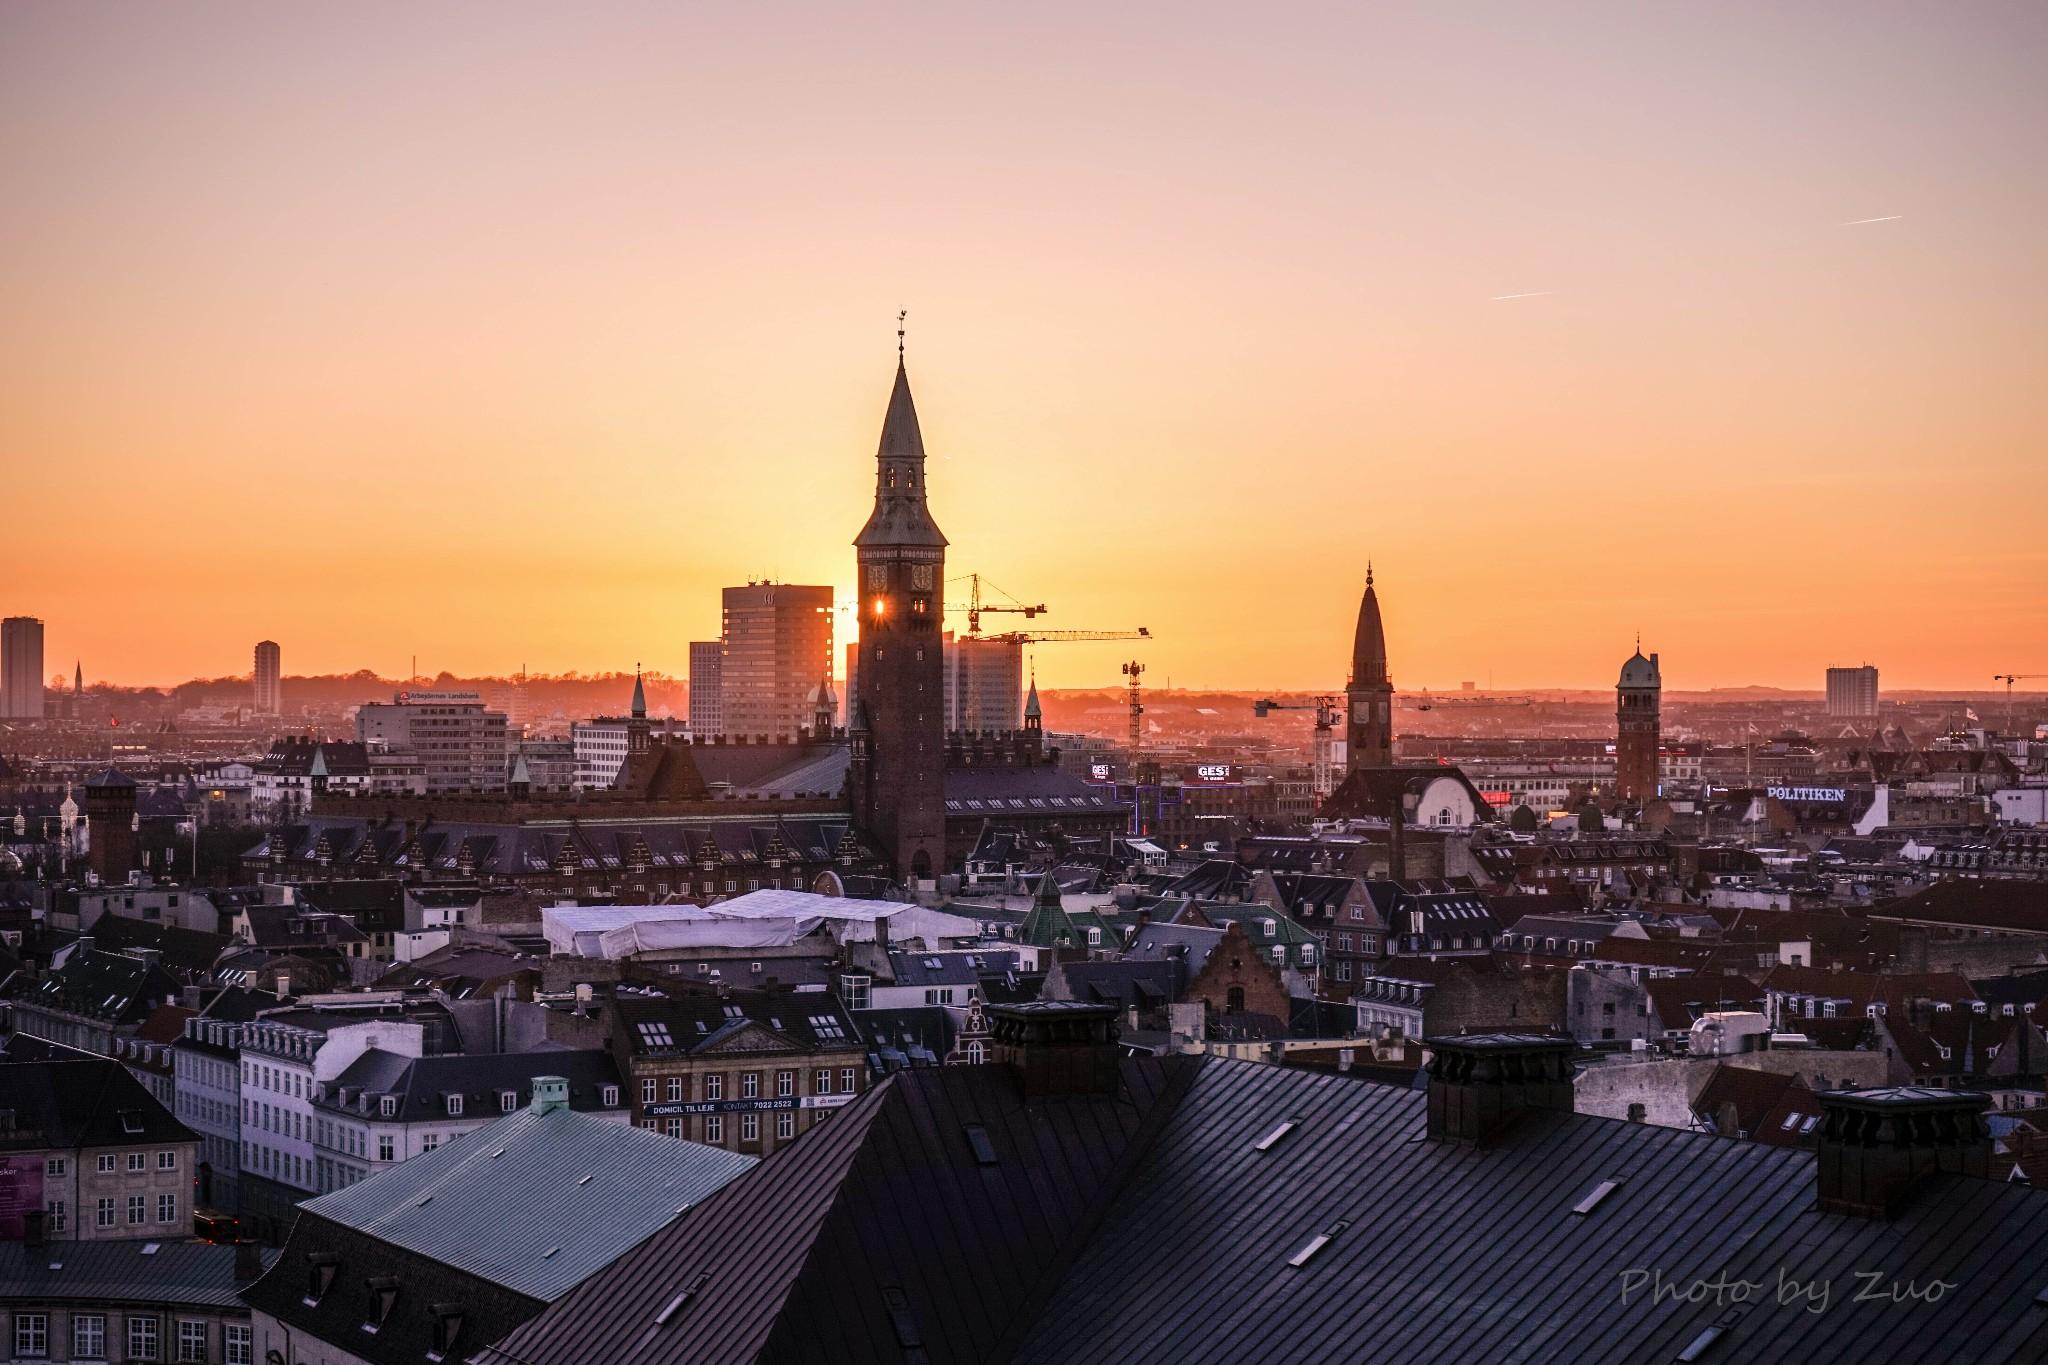 哥本哈根有什么好玩的地方,哥本哈根必去景点,哥本哈根旅游攻略